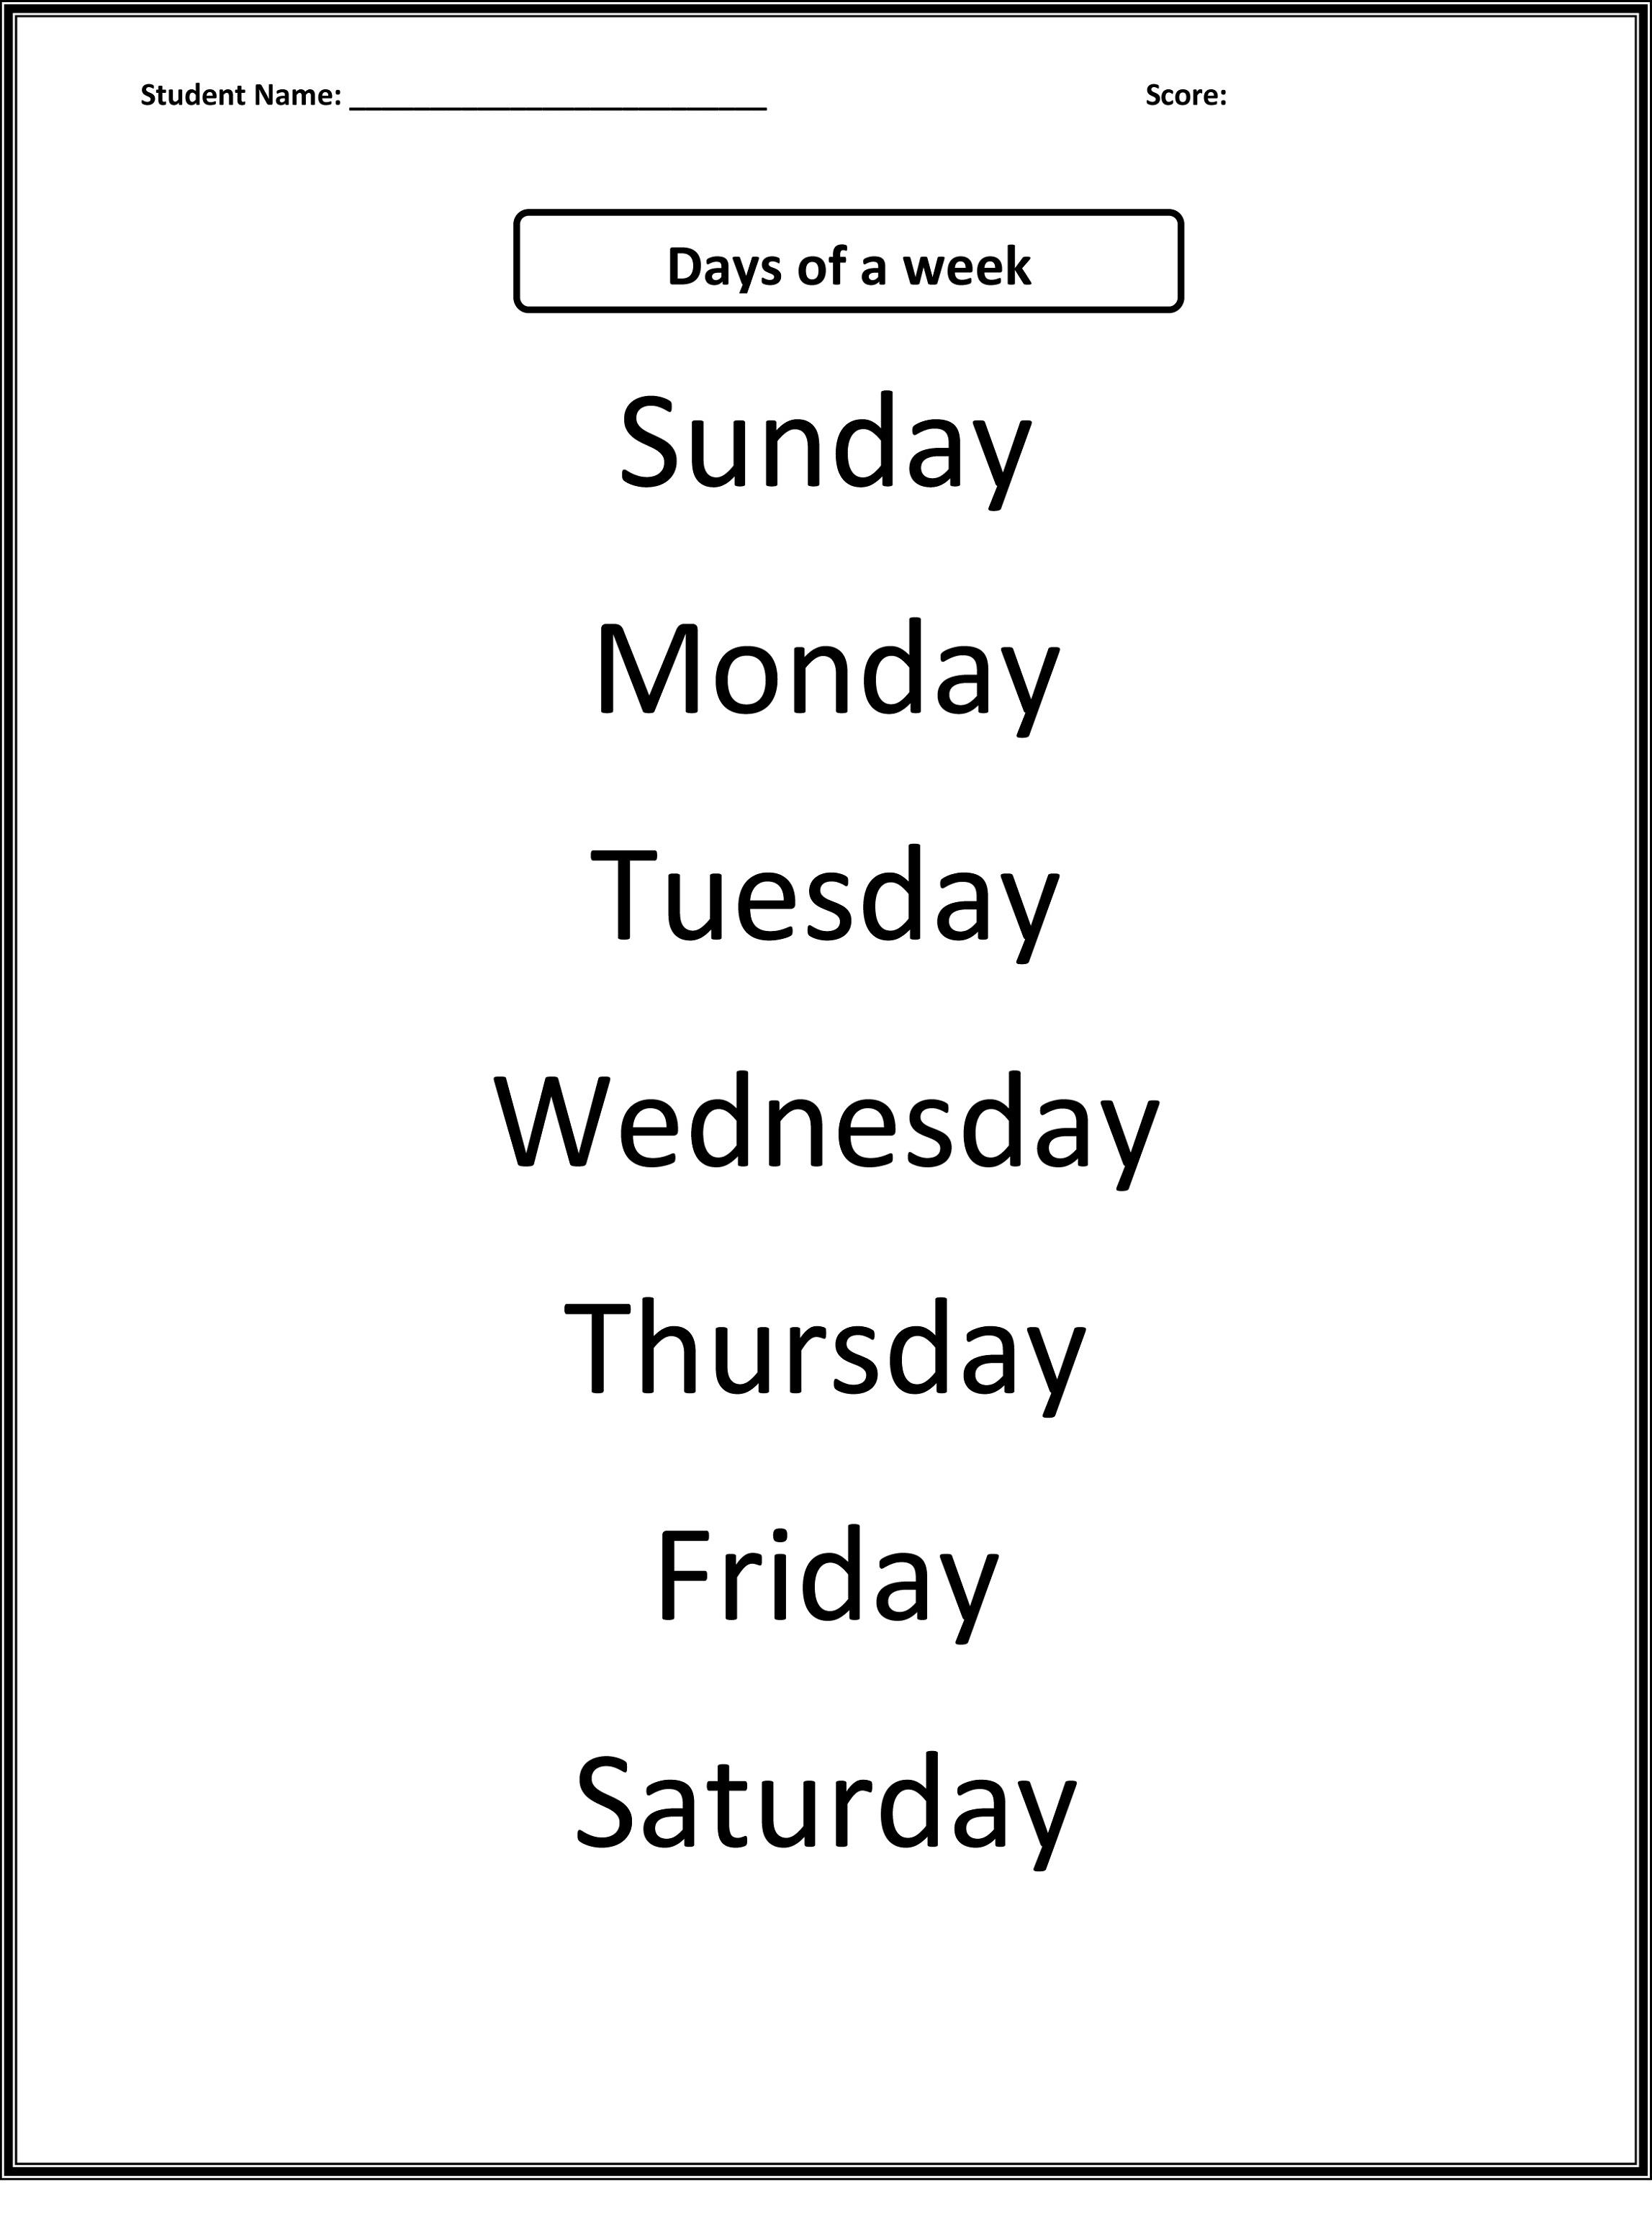 worksheets for days of the week activity shelter. Black Bedroom Furniture Sets. Home Design Ideas